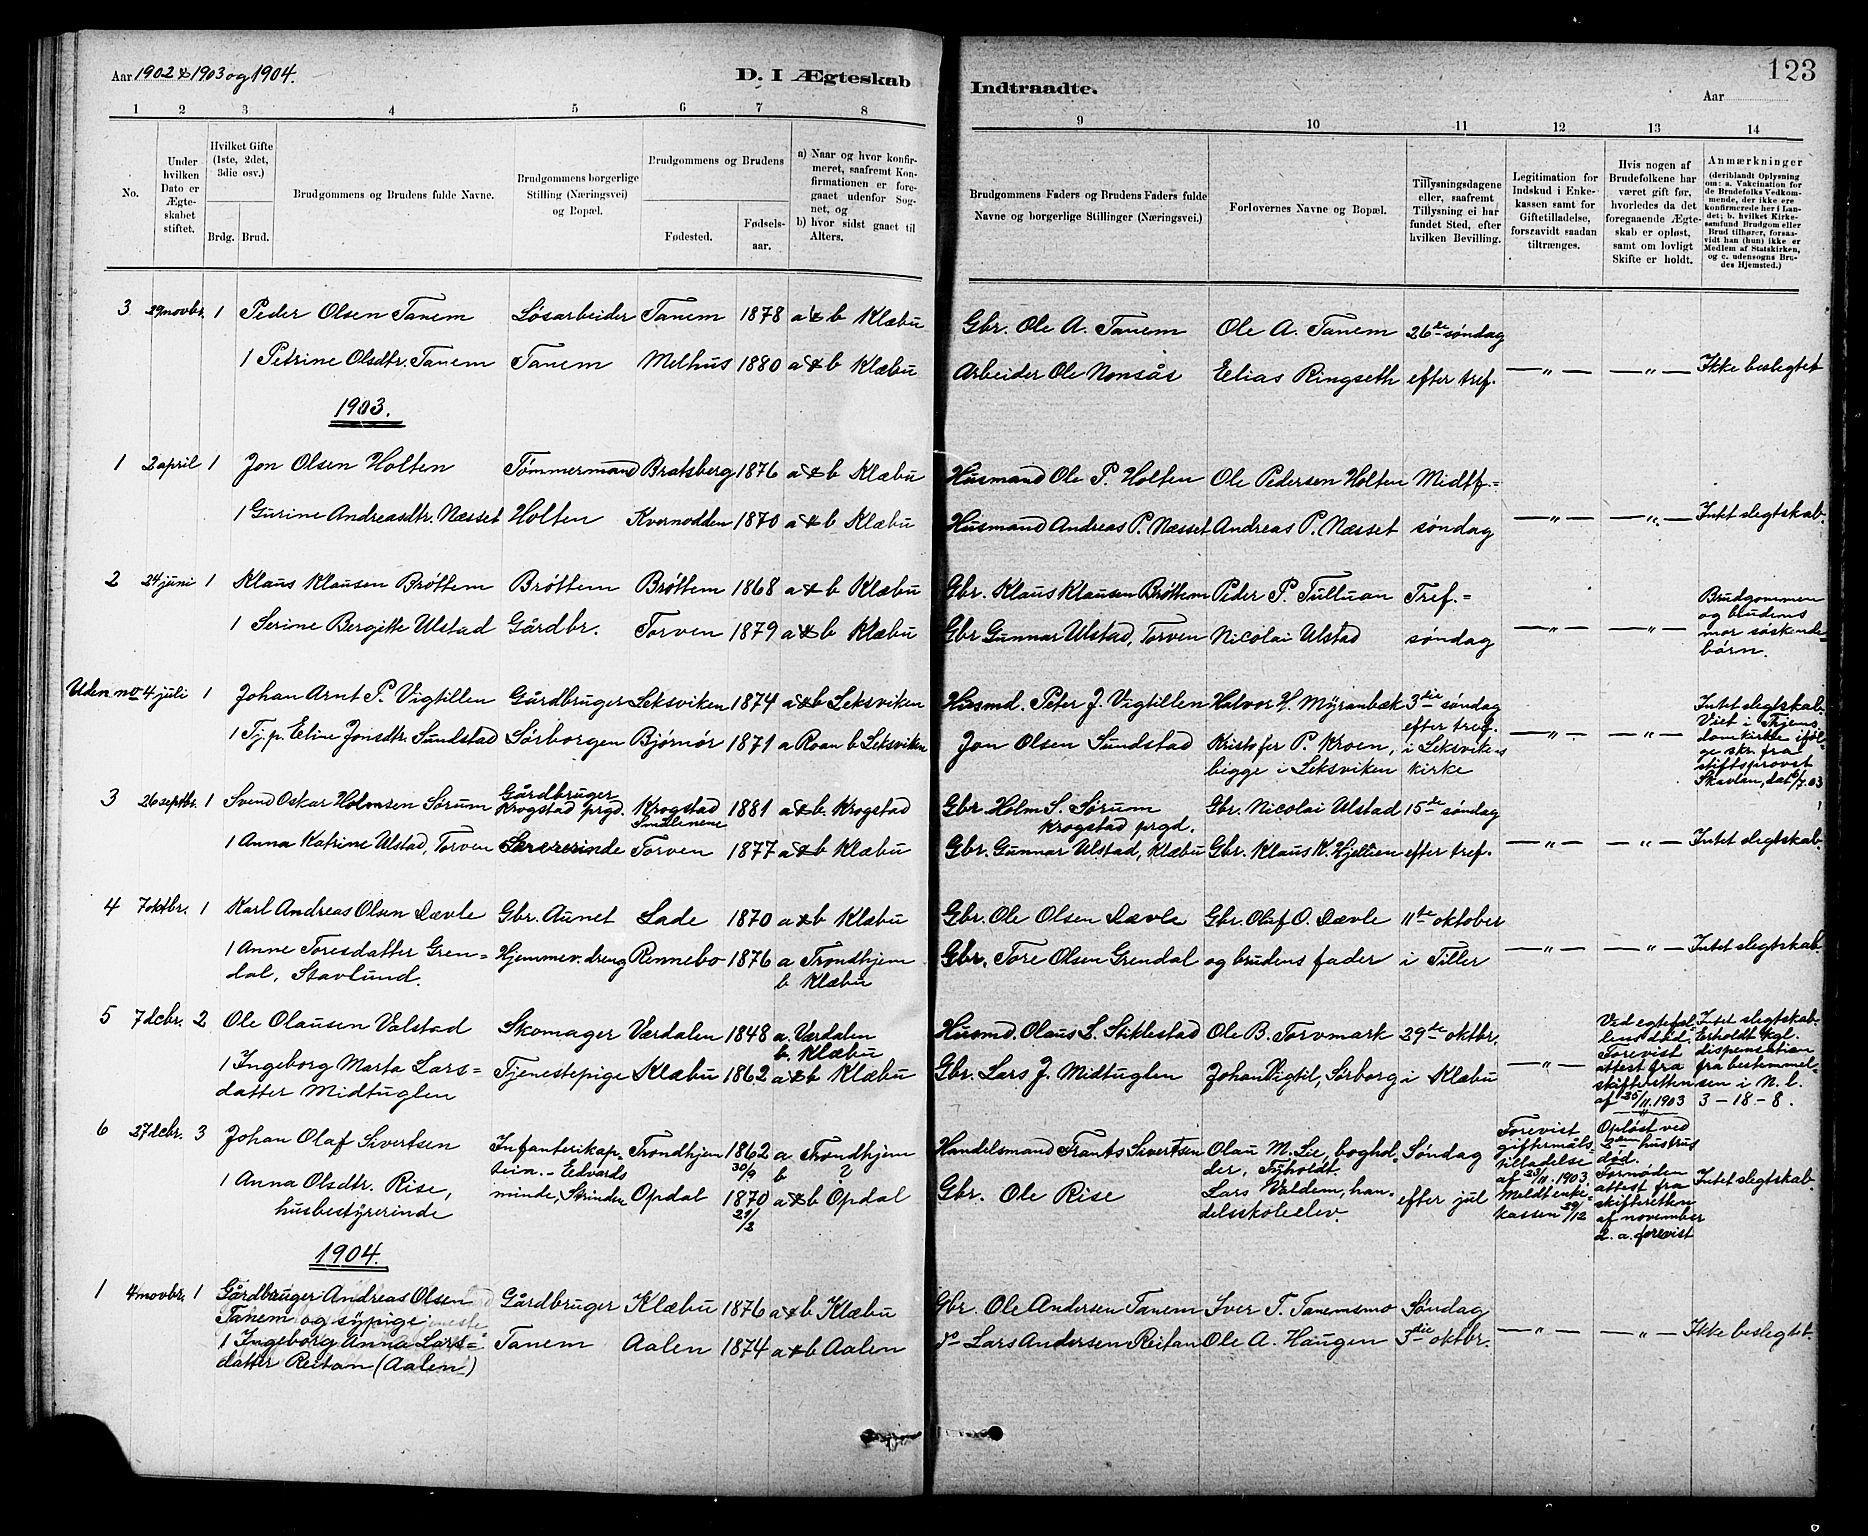 SAT, Ministerialprotokoller, klokkerbøker og fødselsregistre - Sør-Trøndelag, 618/L0452: Klokkerbok nr. 618C03, 1884-1906, s. 123